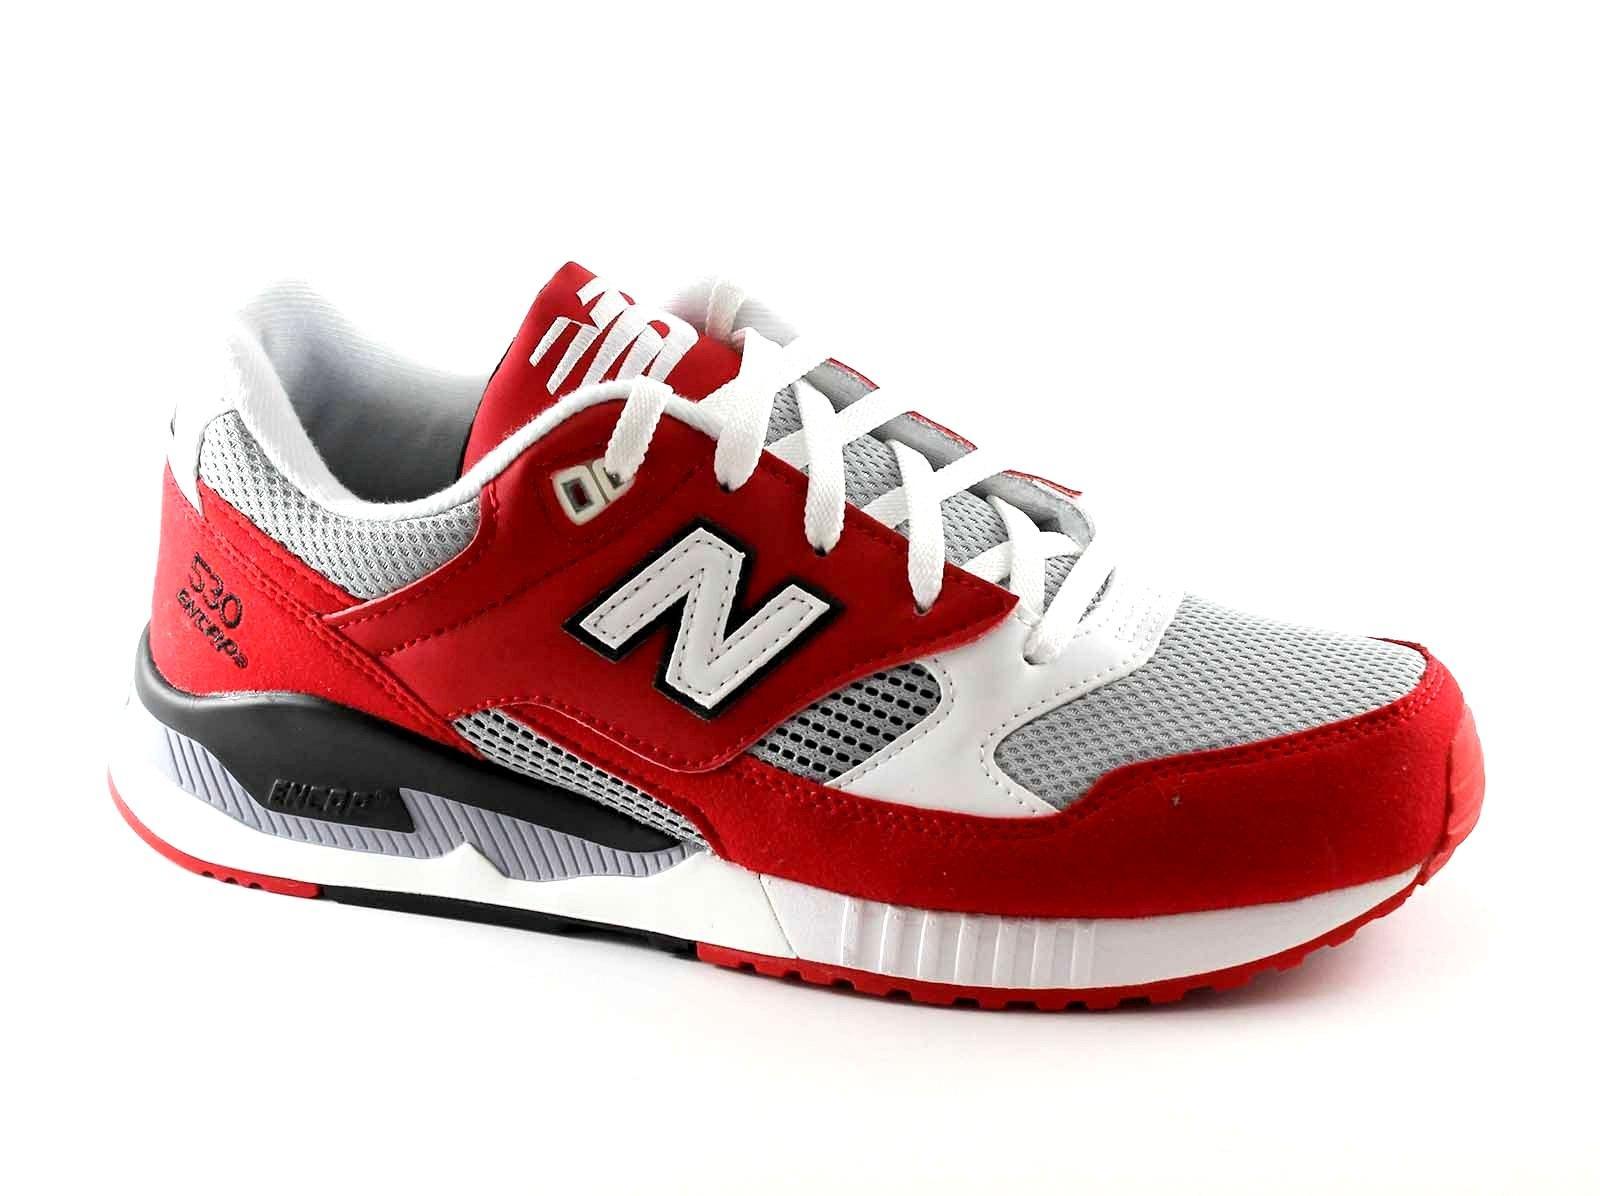 NEW BALANCE M530 CVA rosso grigio running scarpe uomo sneakers lacci